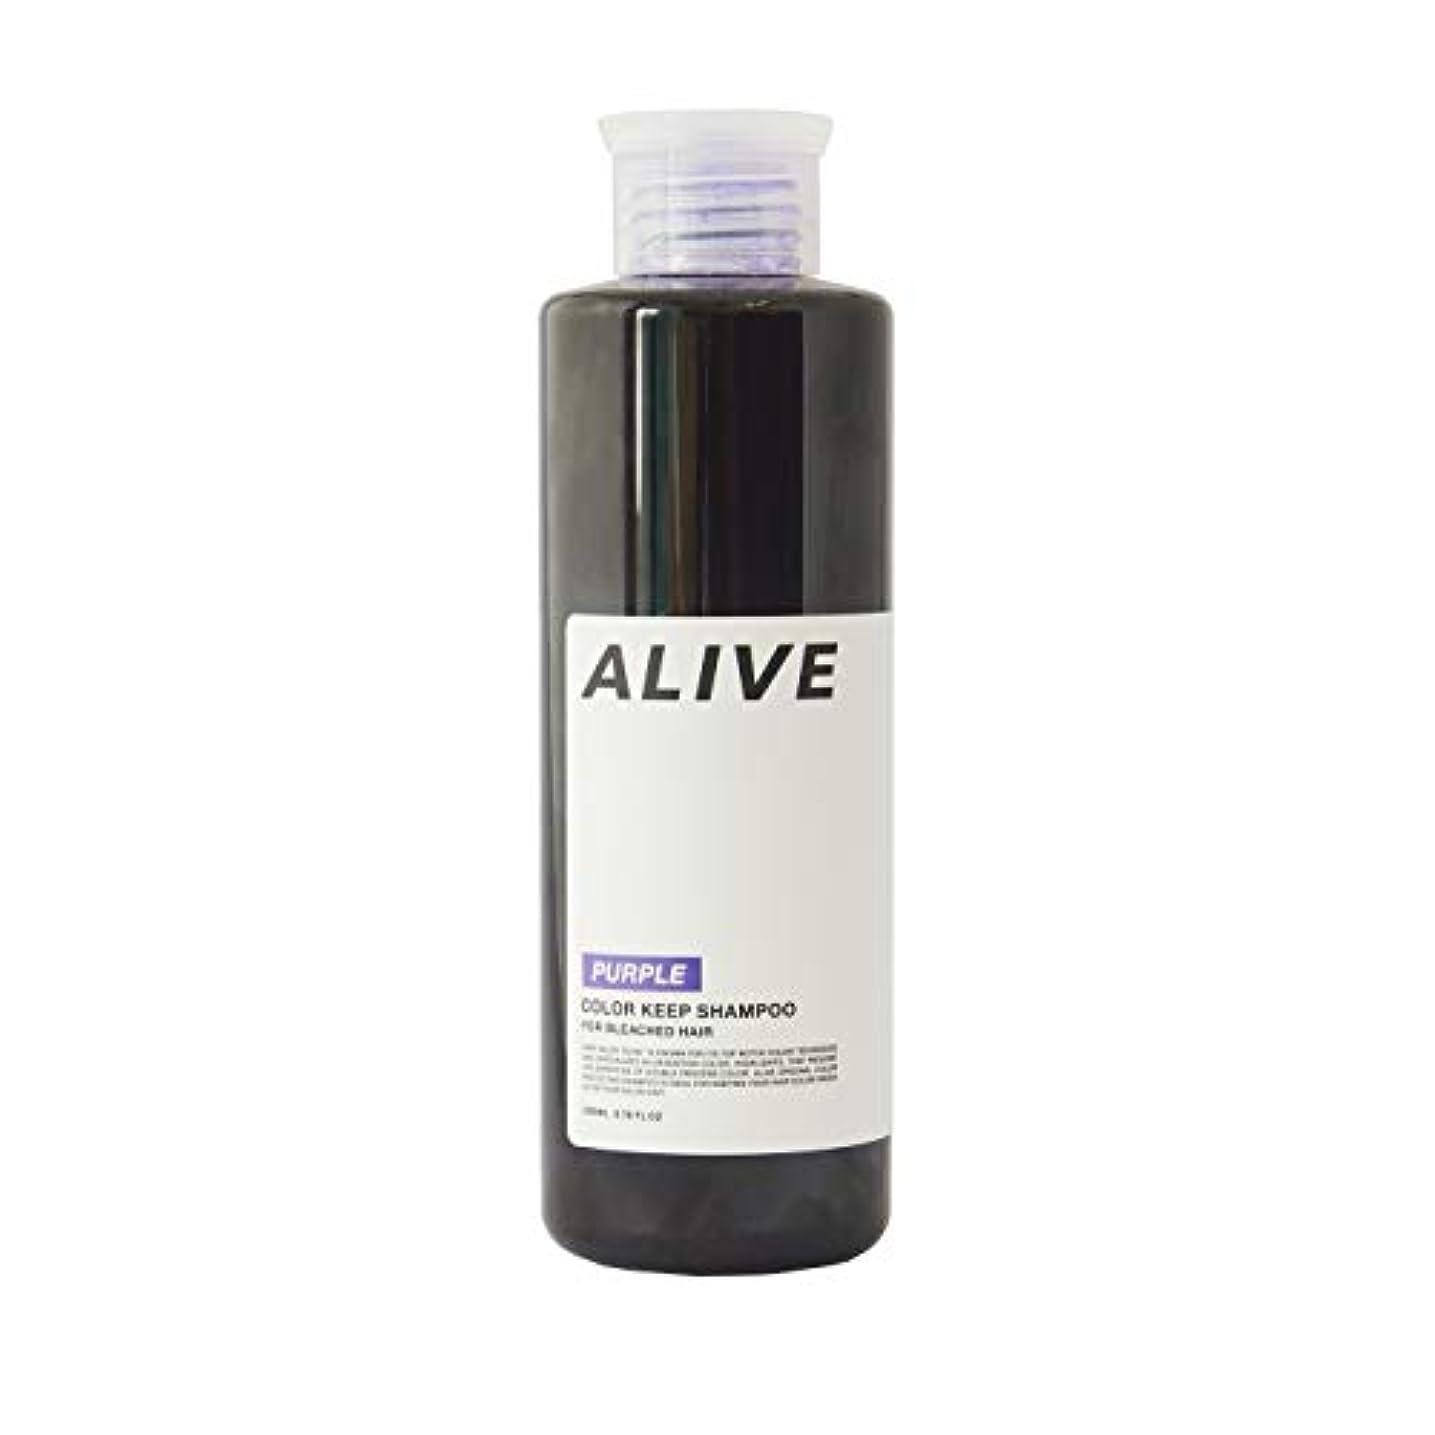 挽く欠乏破壊するALIVE アライブ カラーシャンプー 極濃 紫シャンプー 200ml ムラサキ パープル ムラシャン ムラサキシャンプー